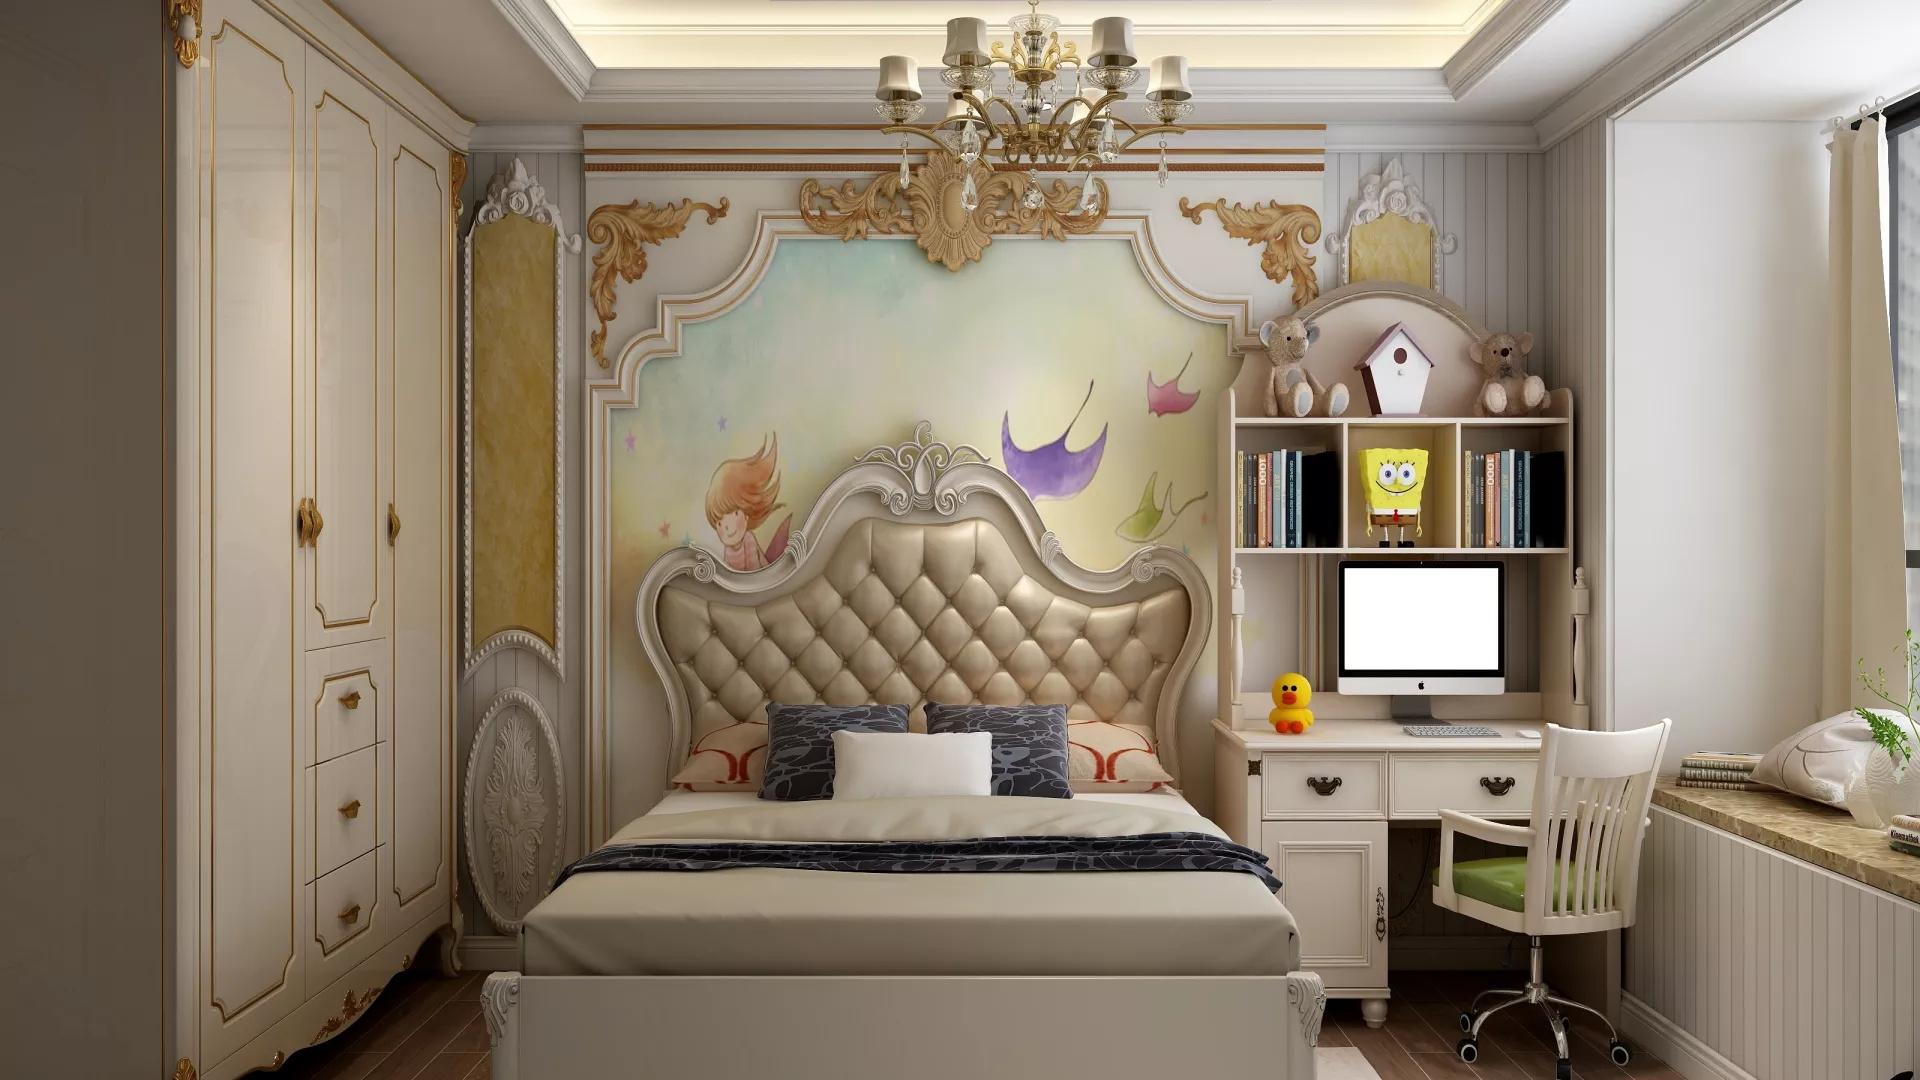 墙面装饰材料你知道多少 说说4种常见墙面装饰材料